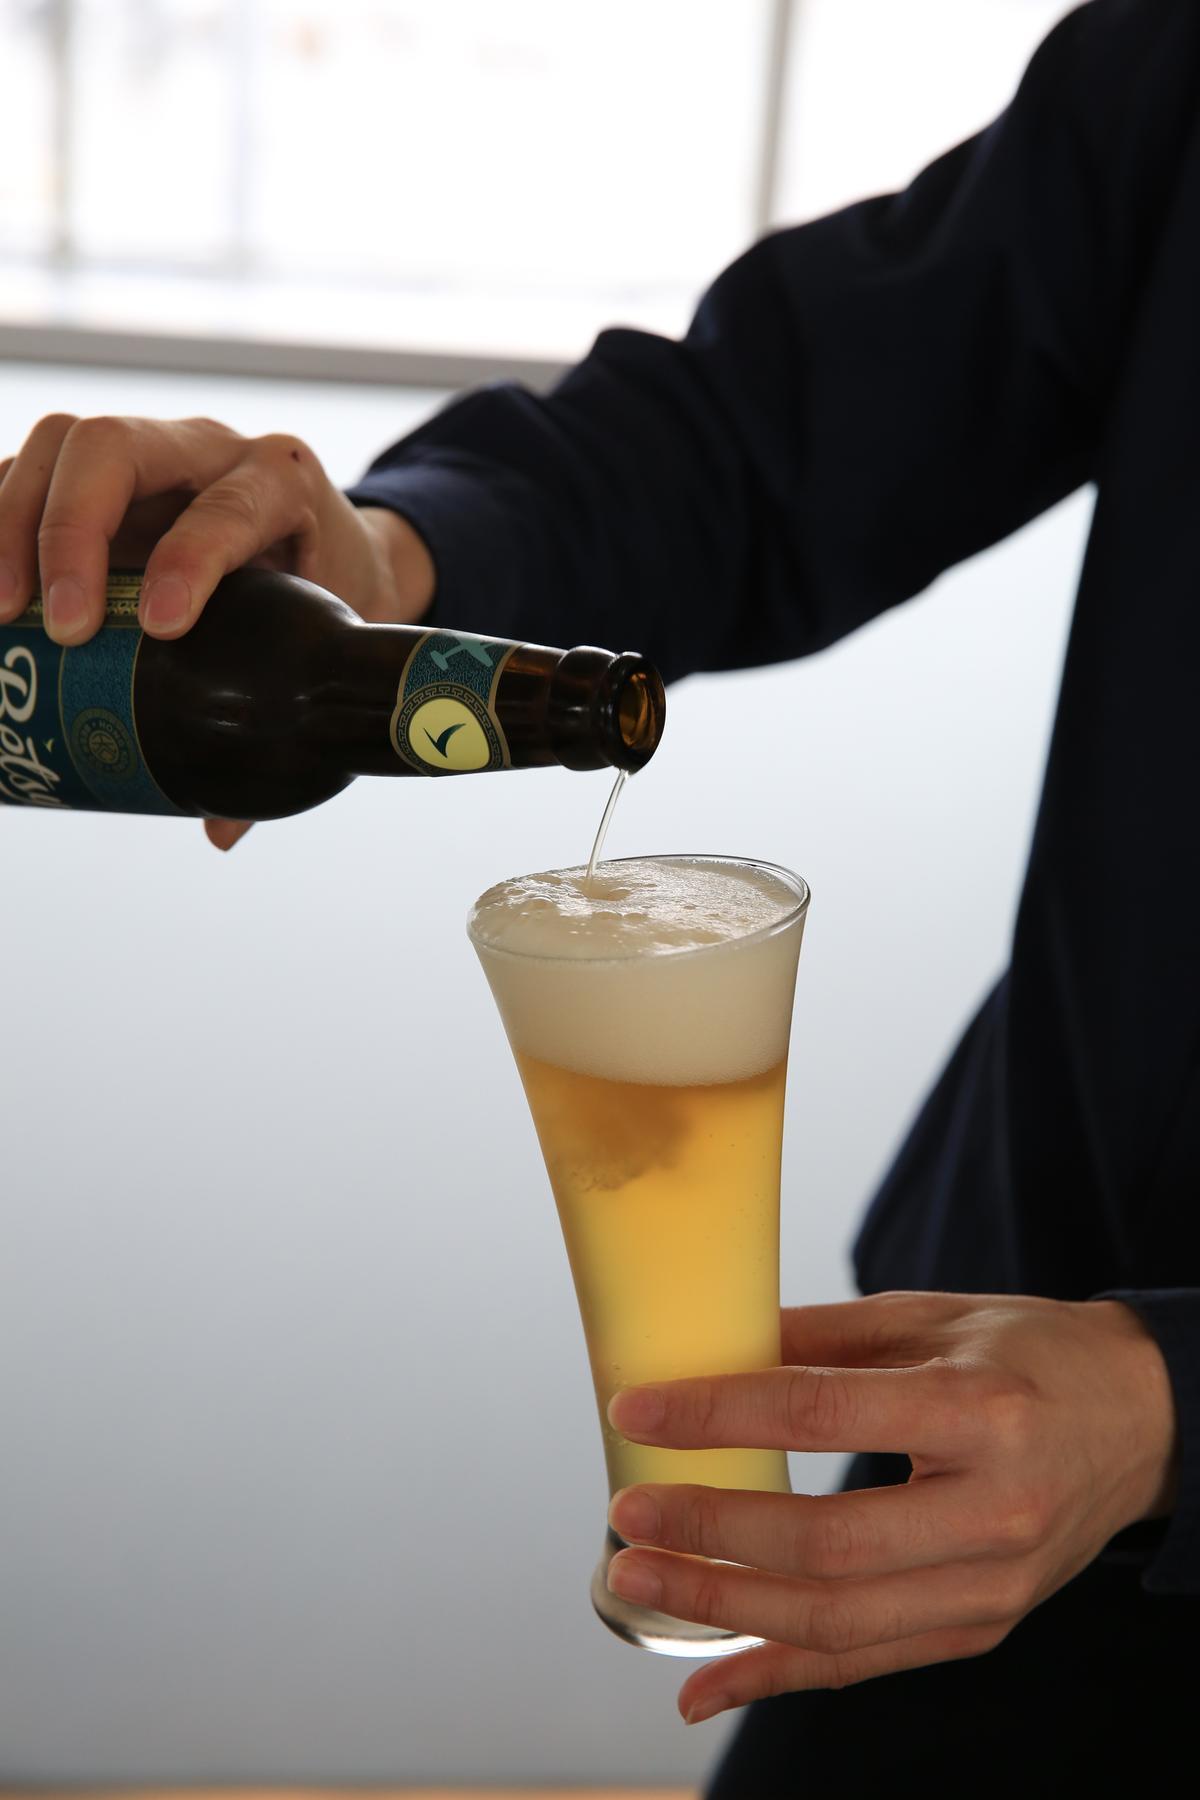 一大早吧台的服務員就忙著倒啤酒,淡金色的酒液,相當能挑起酒蟲。